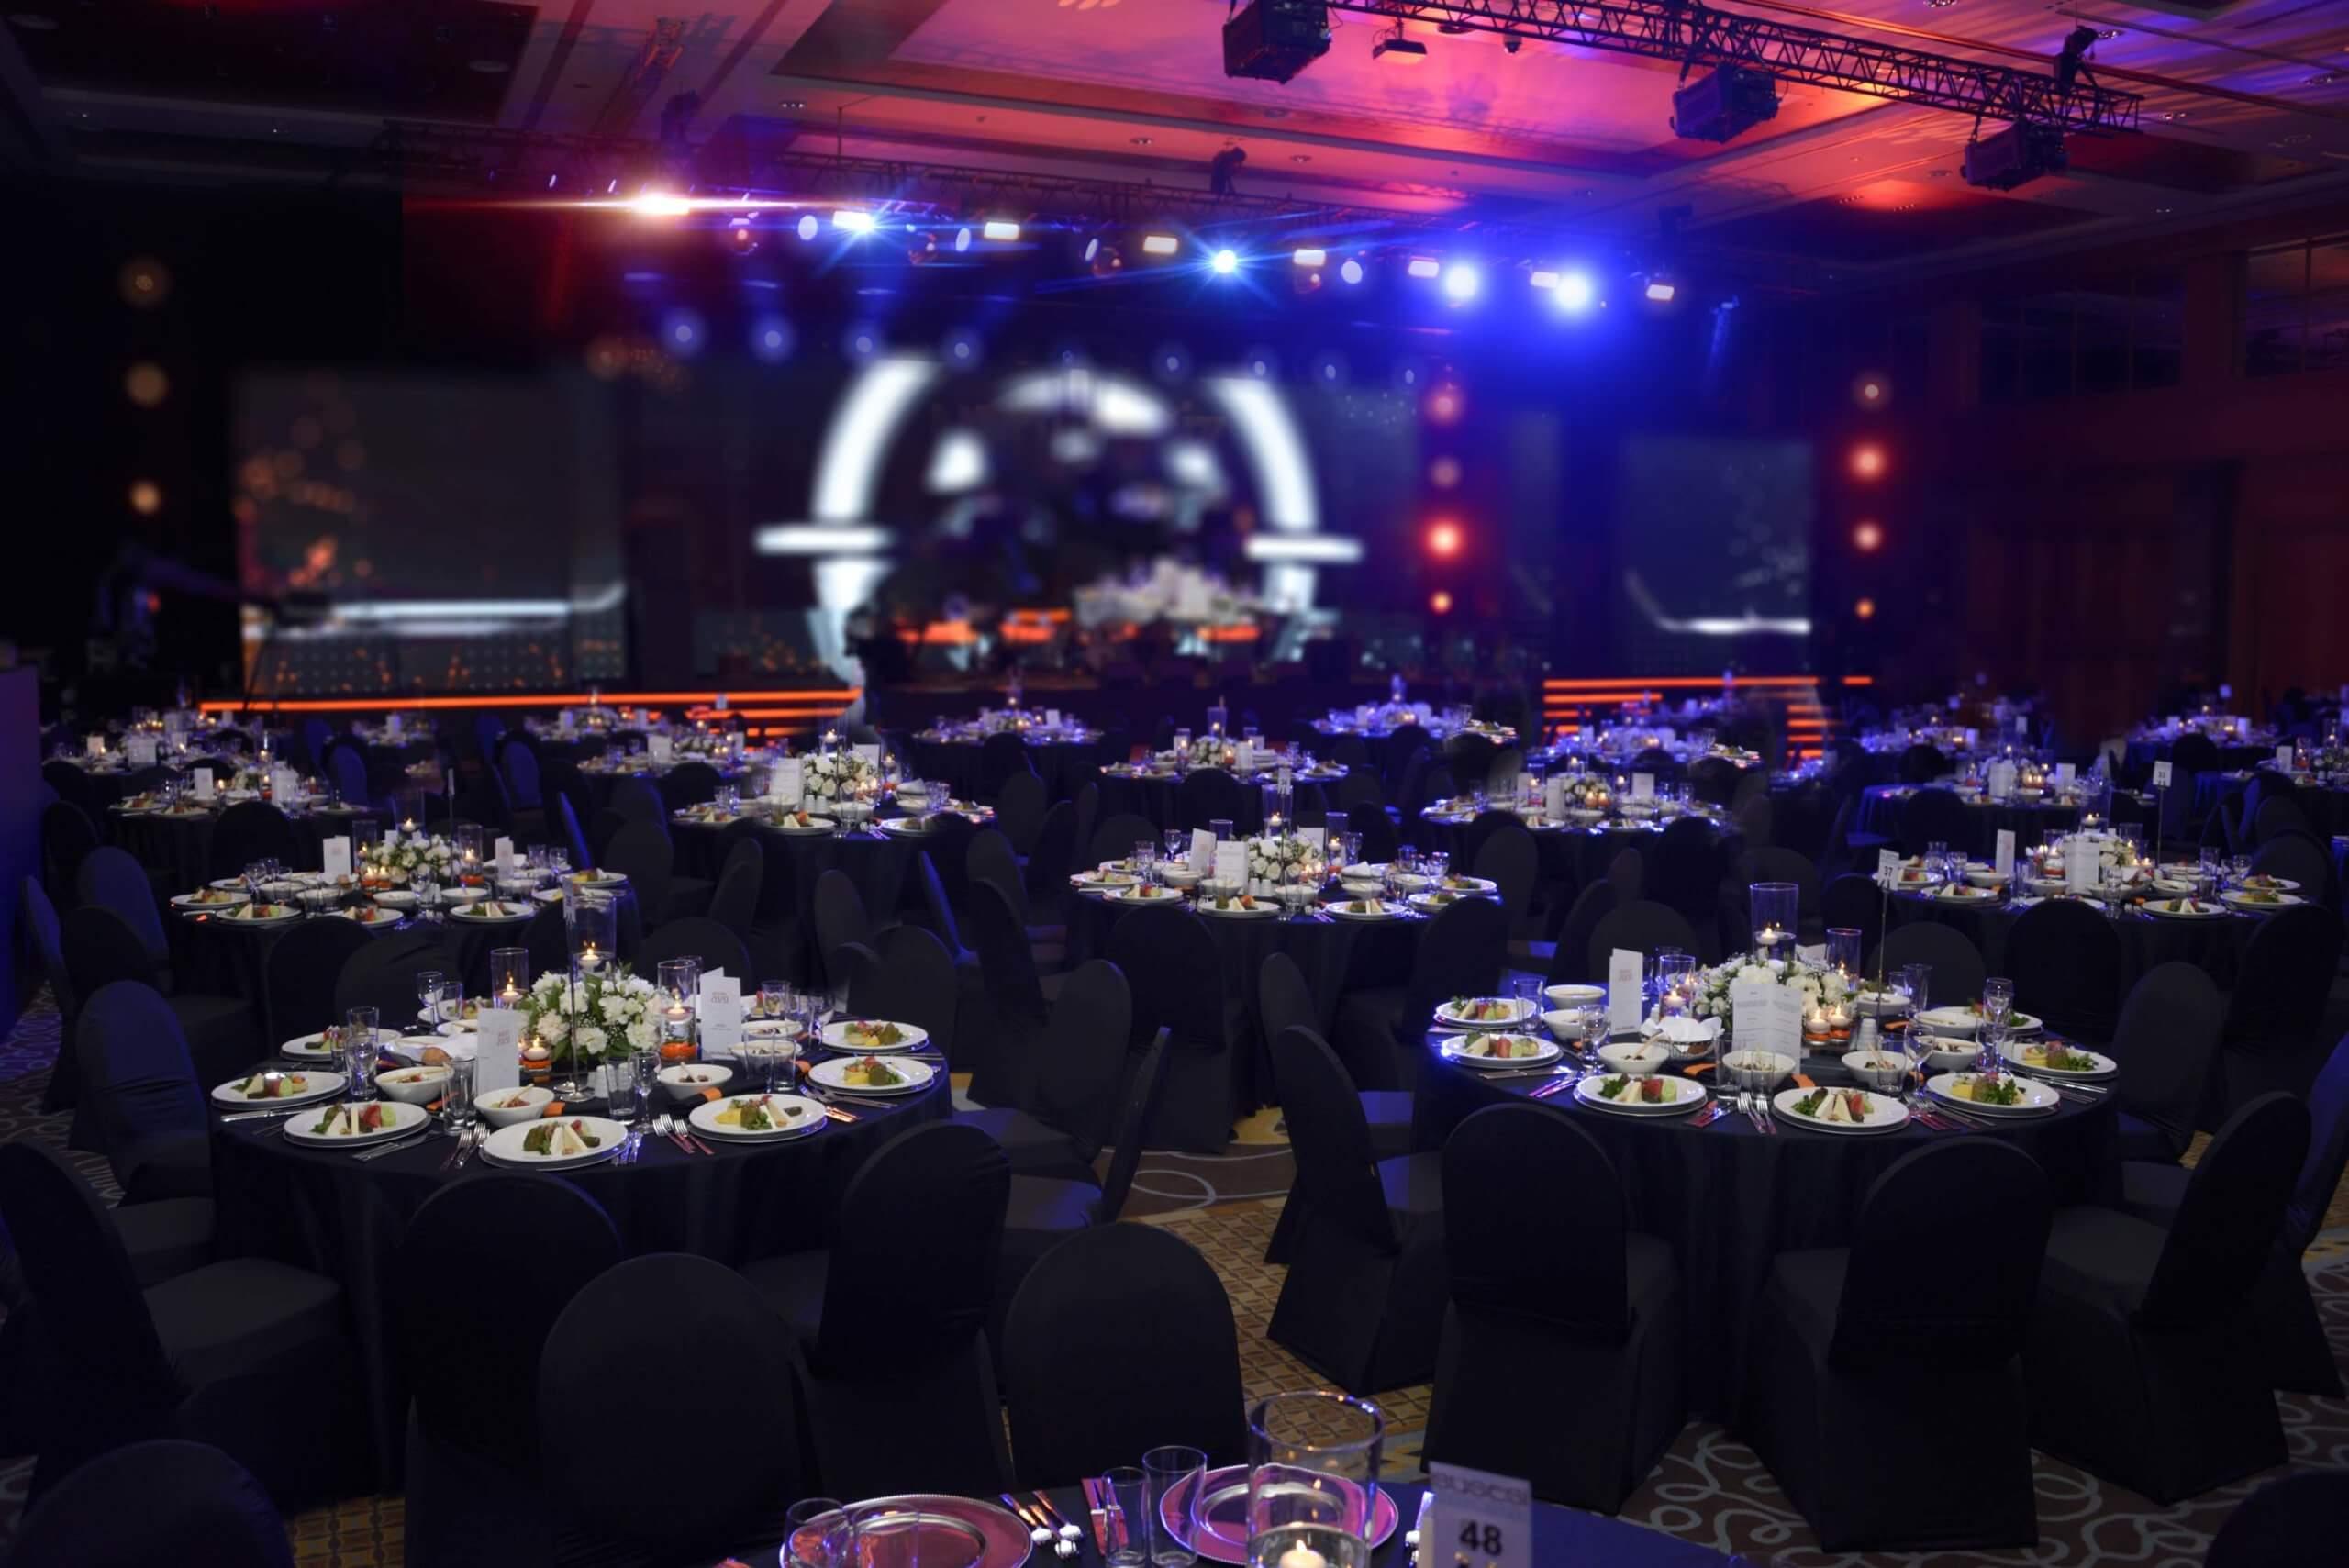 Festlich gedeckte Tische mit Bühne im Hintergrund